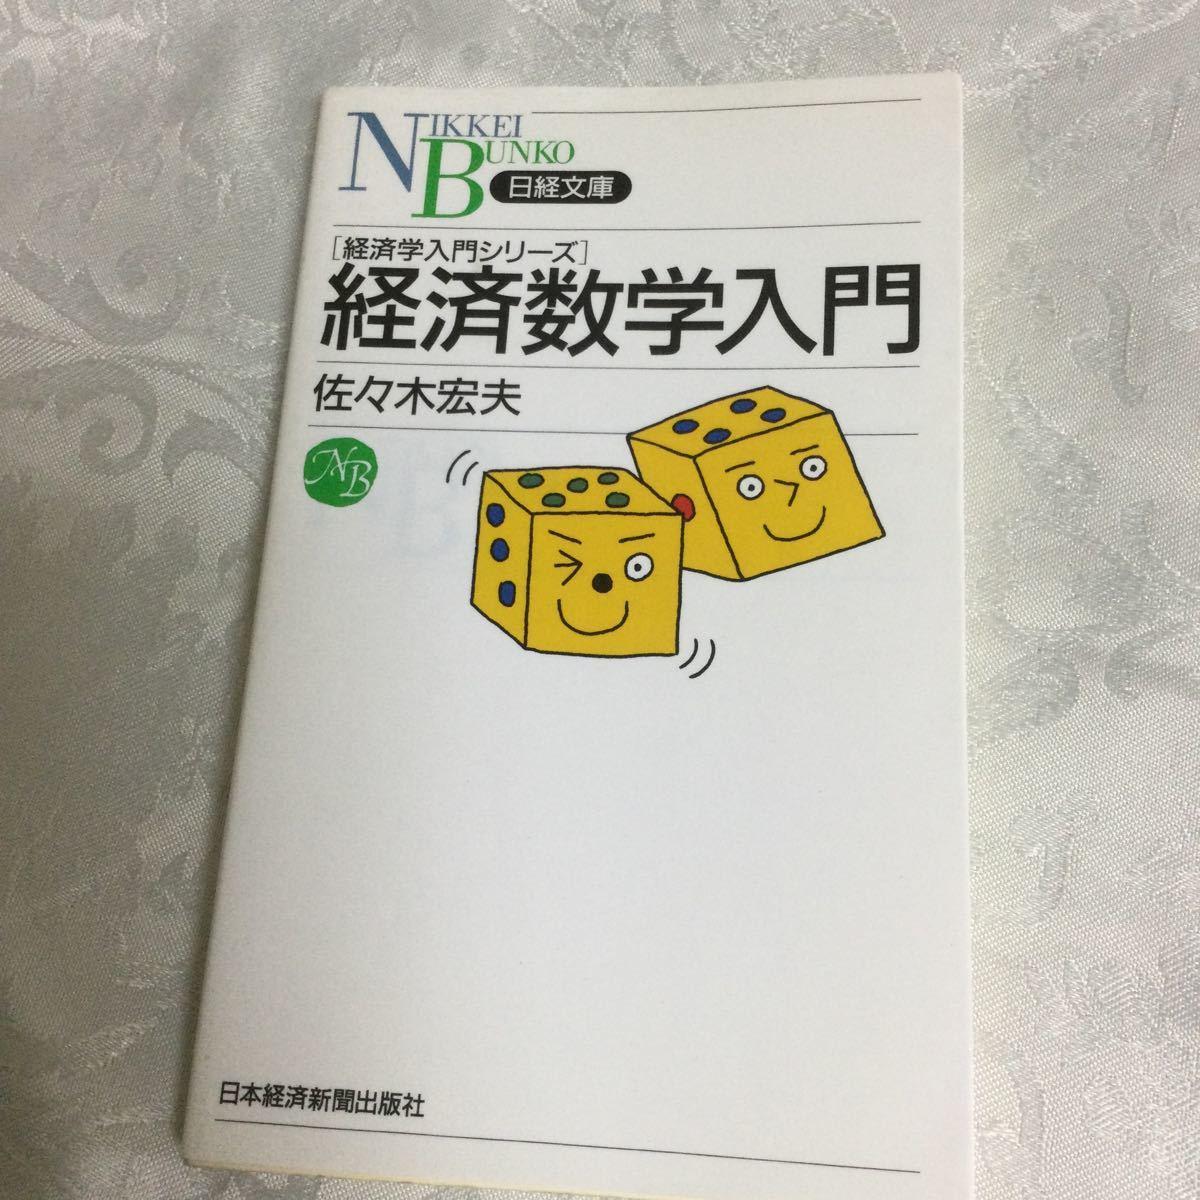 経済数学入門 佐々木 宏夫 日経文庫 経済学入門シリーズ